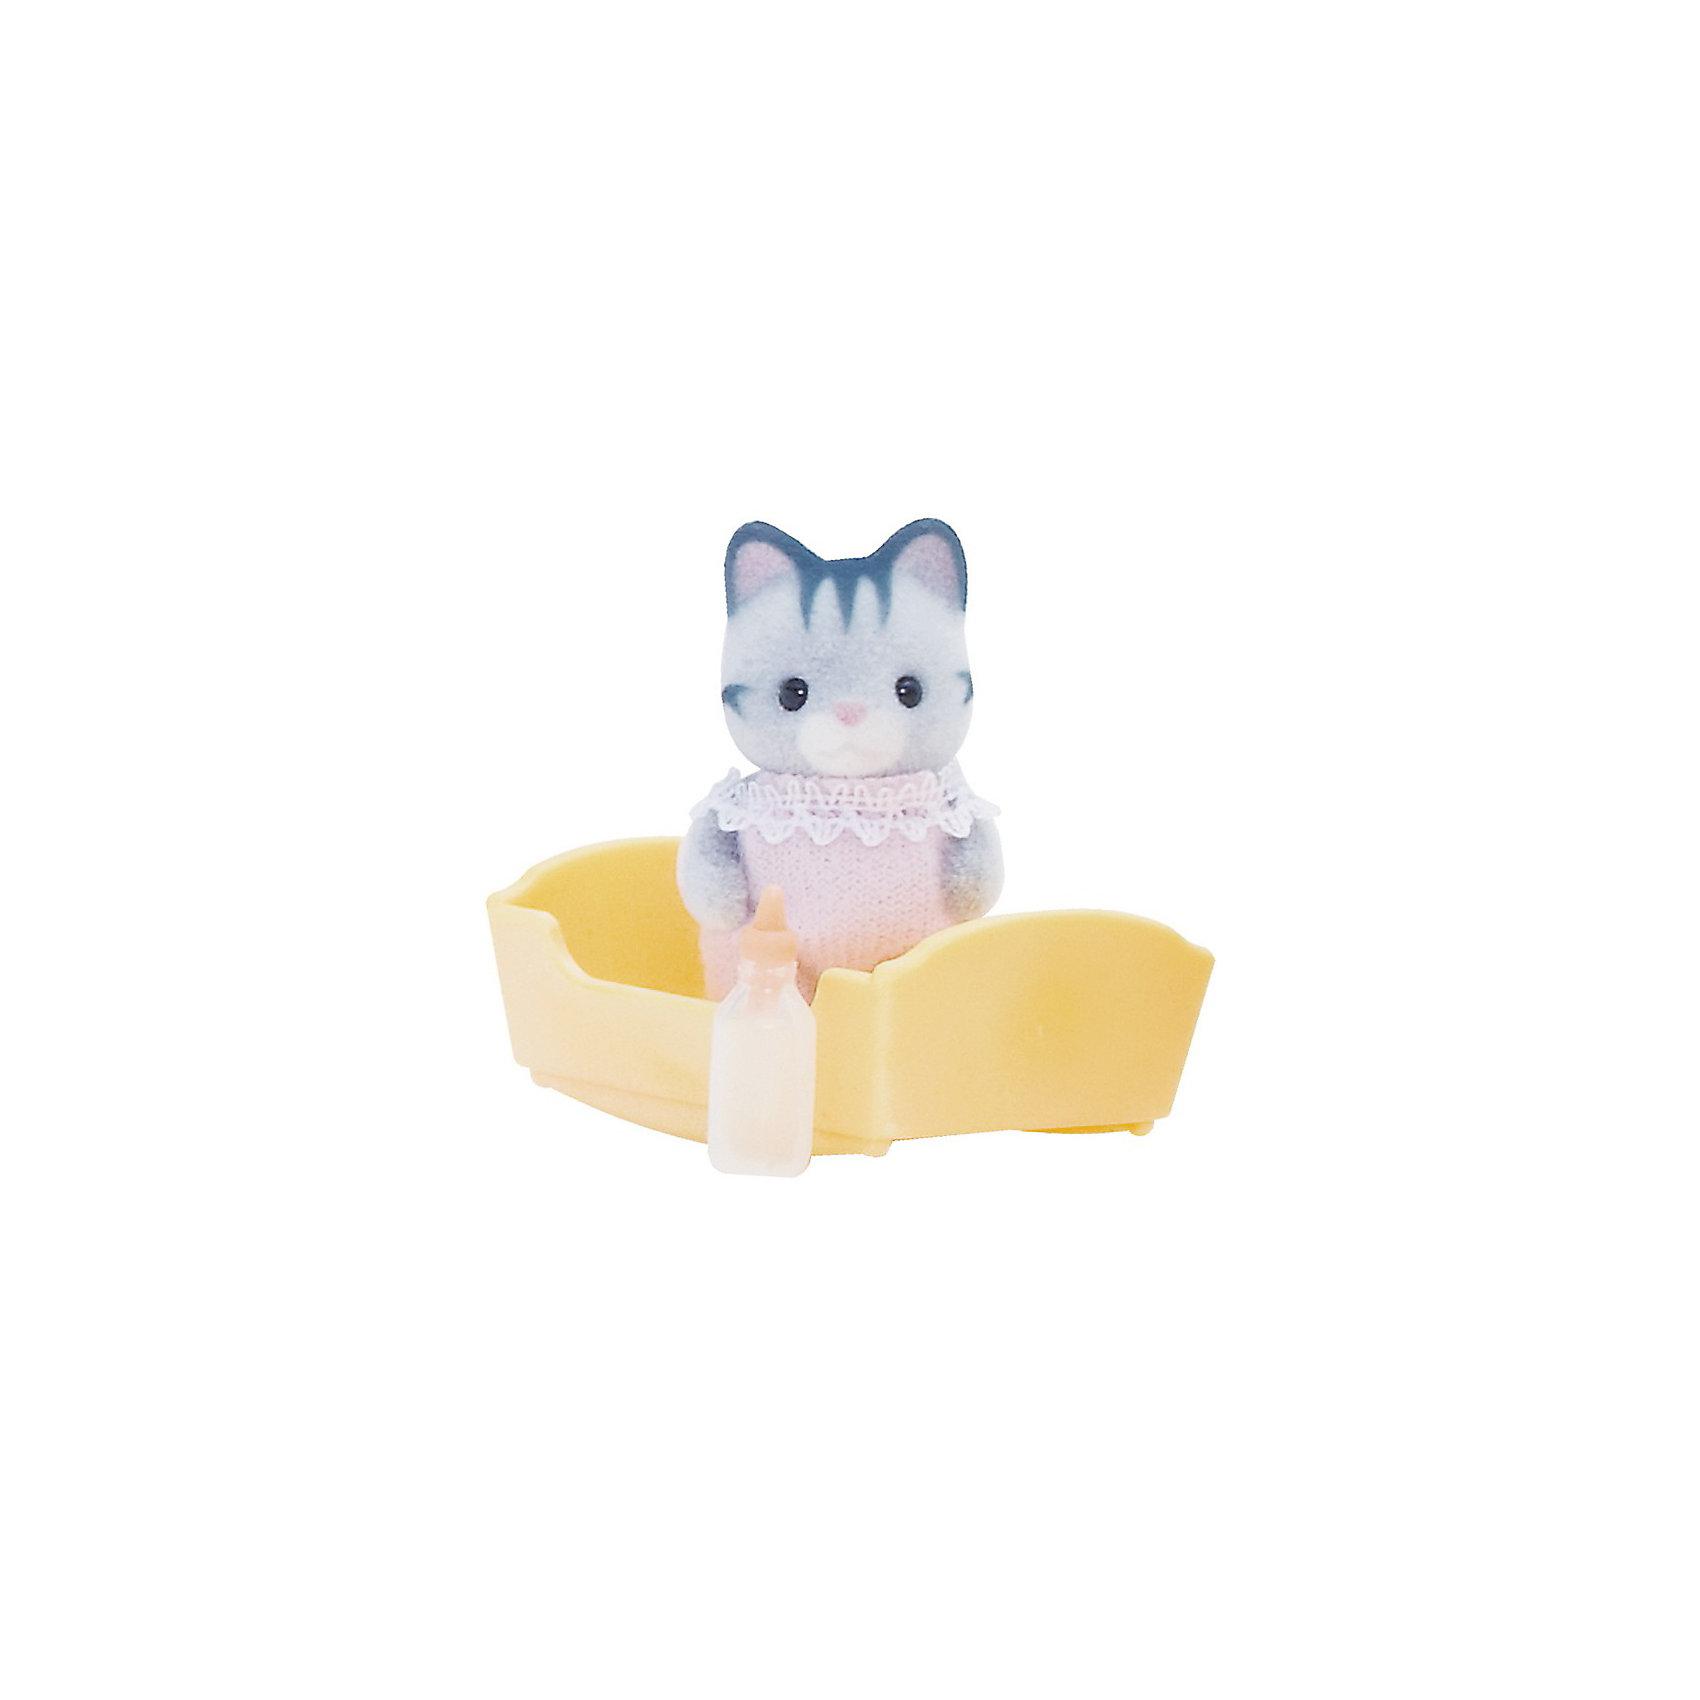 Набор Малыш Серый котенок, Sylvanian FamiliesНабор Малыш Серый котенок, Sylvanian Families - игровой набор, который наверняка порадует Вашего ребенка.<br><br>Дополнительная информация:<br><br>Размеры товара: фигурка 4см <br>Размеры коробки: 7,5х3,5х12 см<br><br>  Набор Малыш Серый котенок, Sylvanian Families можно купить в нашем интернет магазине.<br><br>Ширина мм: 120<br>Глубина мм: 81<br>Высота мм: 38<br>Вес г: 35<br>Возраст от месяцев: 36<br>Возраст до месяцев: 72<br>Пол: Женский<br>Возраст: Детский<br>SKU: 3345289